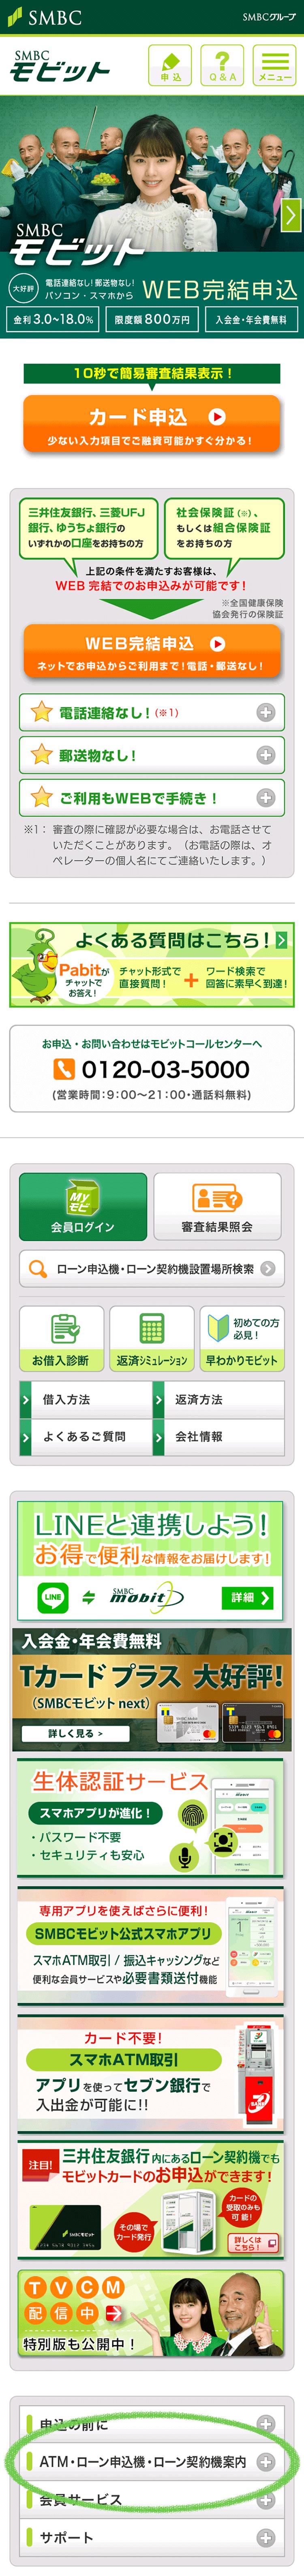 SMBCモビットのホームページ-『ATM・ローン申込機・ローン契約機案内』